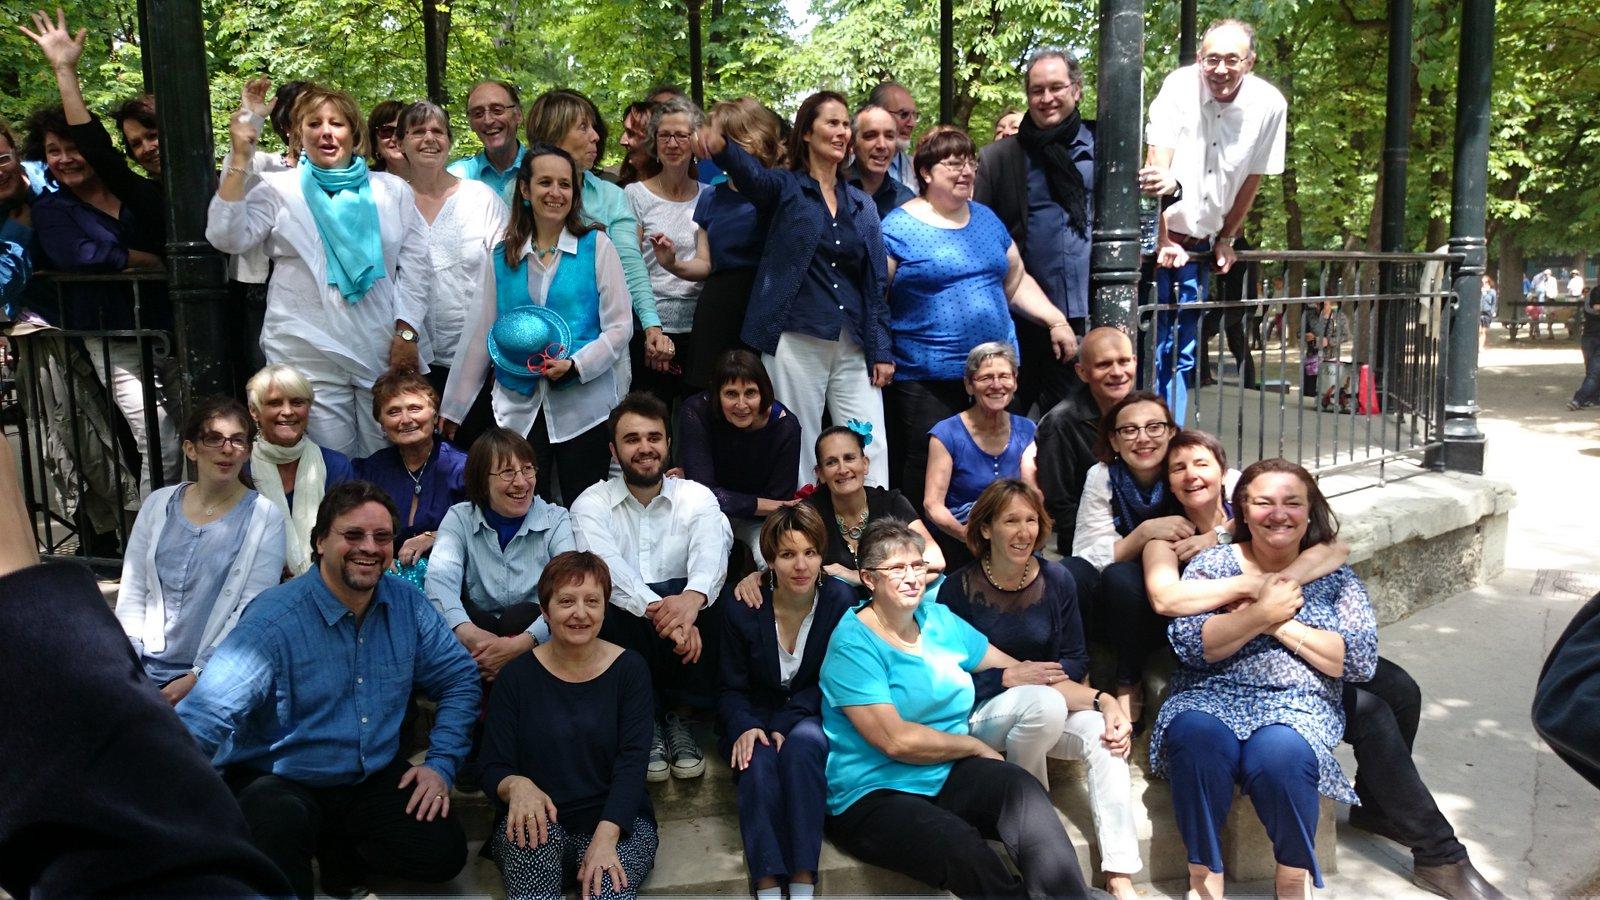 Jardin du Luxembourg Paris - 22 mai 2016